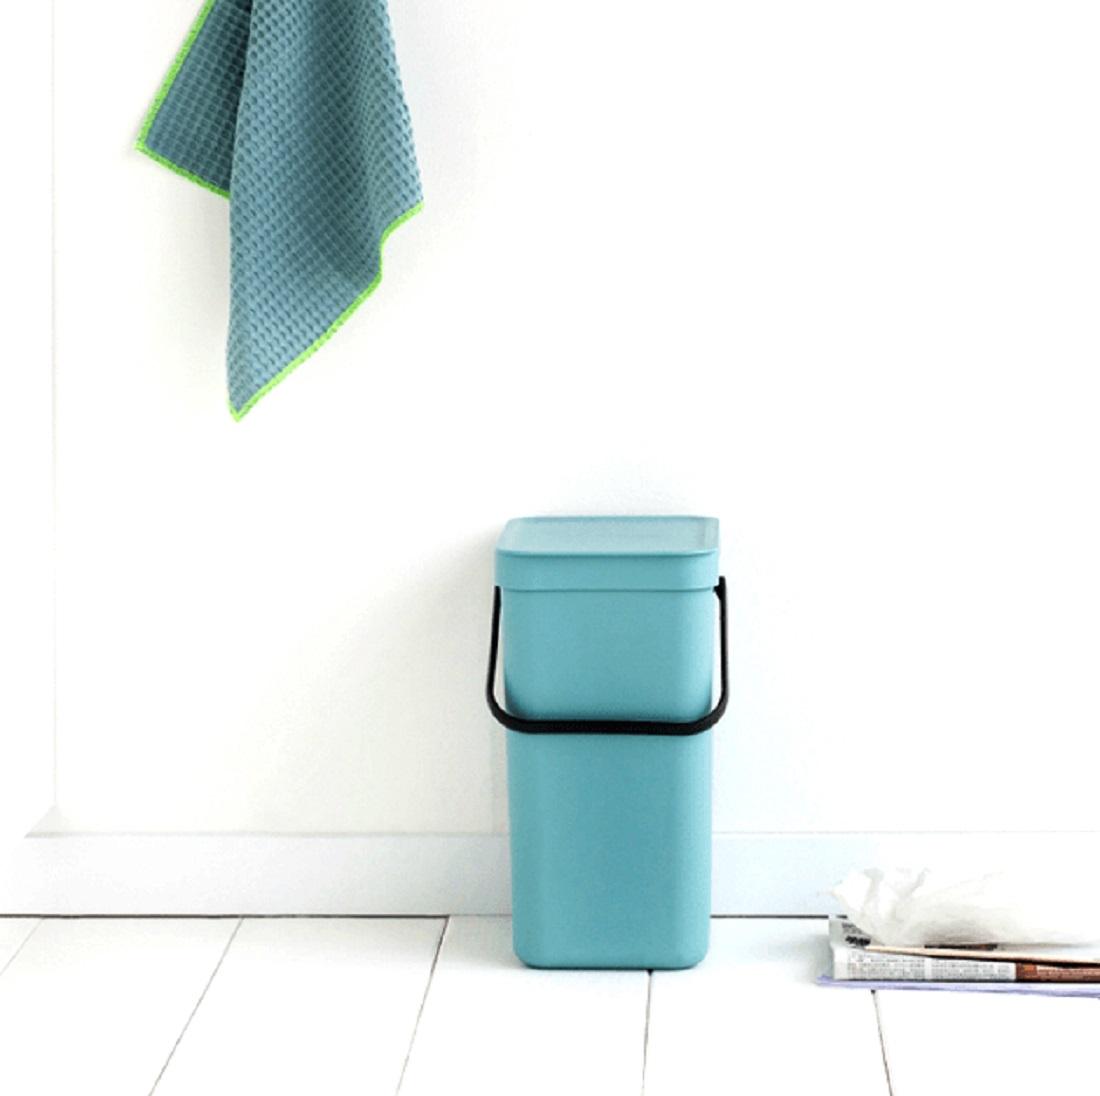 Ведро для мусора Sort&Go Brabantia, объем 12 л, мятный Brabantia 109744 фото 6